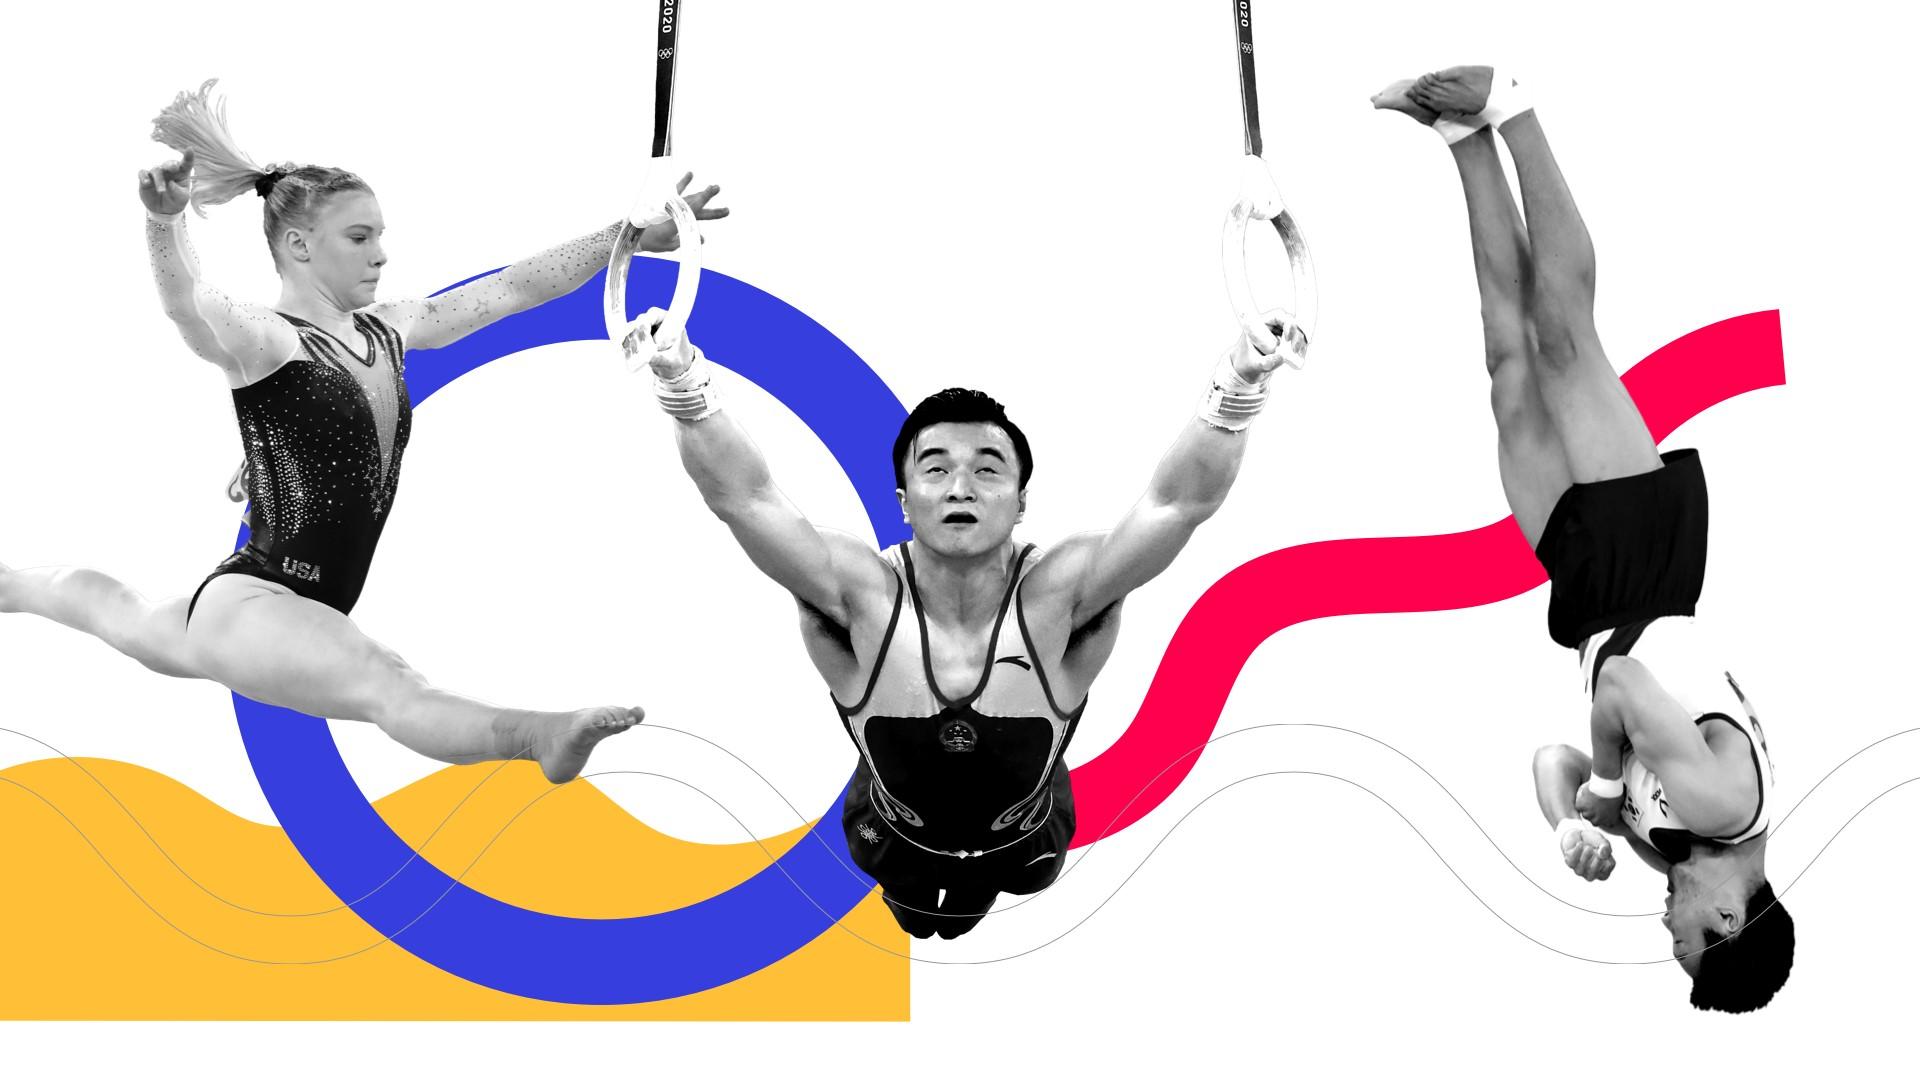 El arte de la gimnasia en cuatro ejercicios